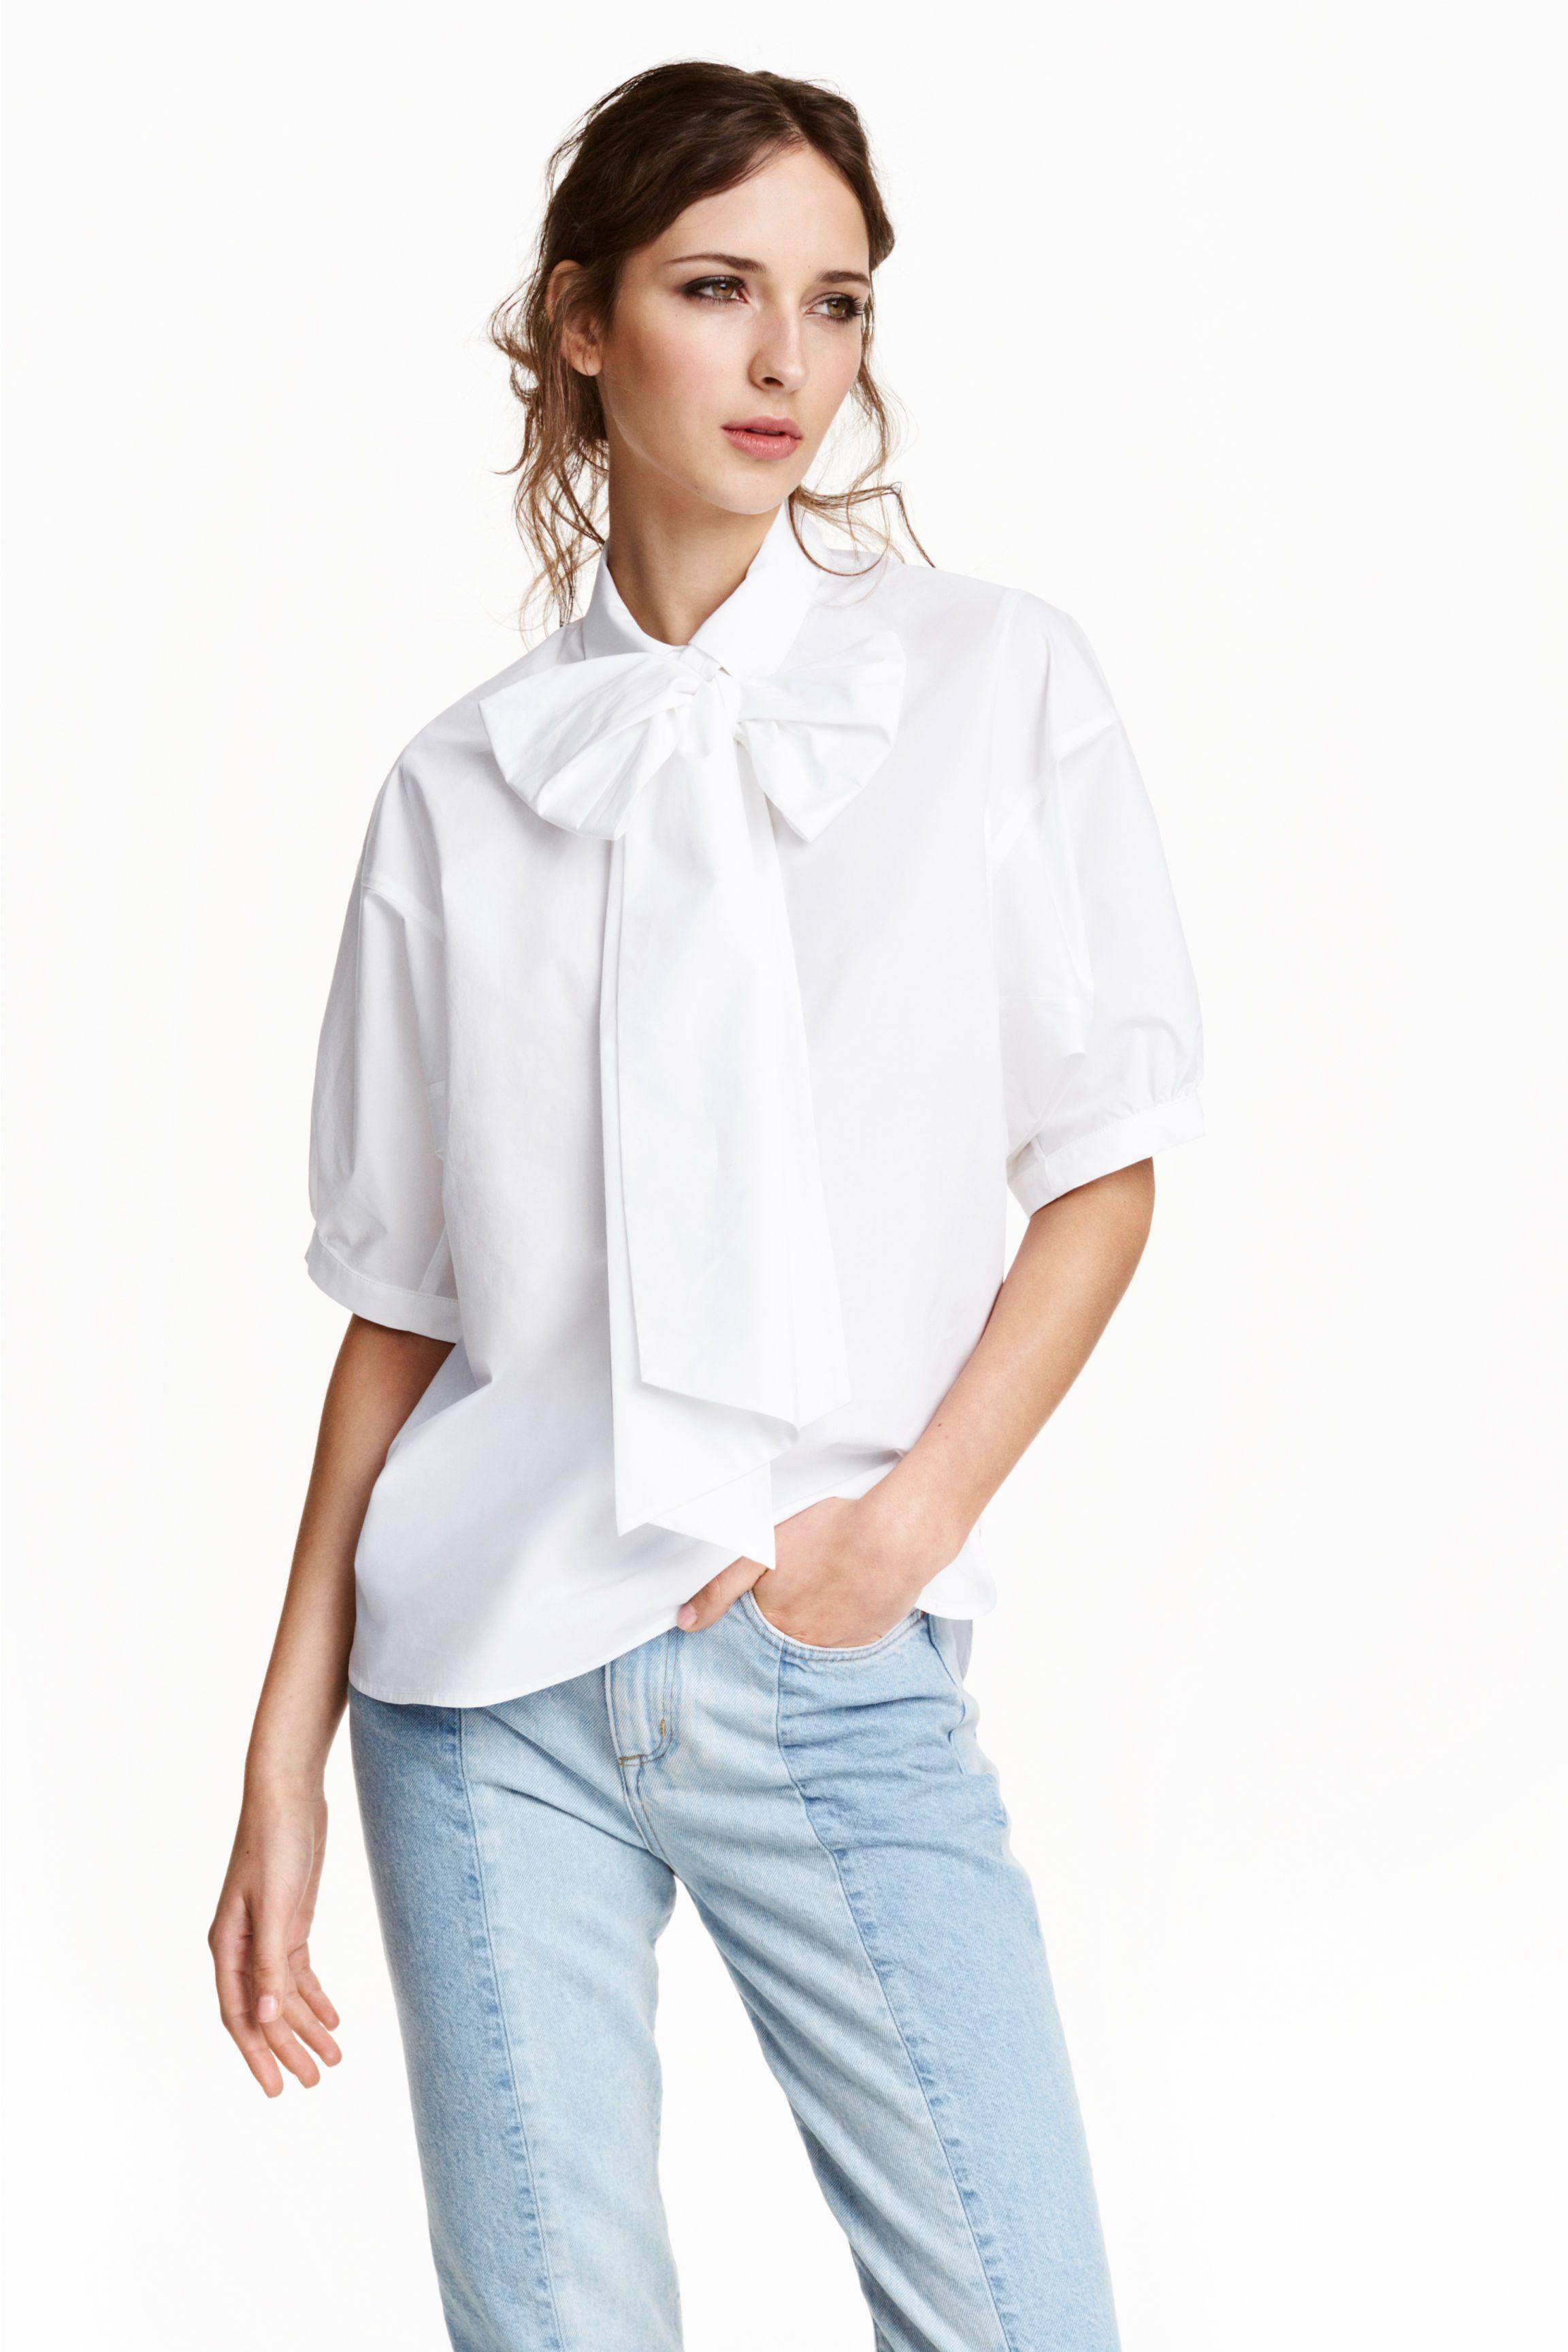 cde54dba7 Blusa com laço: Blusa larga em popelina de algodão com laçada grande e  removível no decote. Tem gola, botões ocultos na parte superior, mangas  curtas e ...